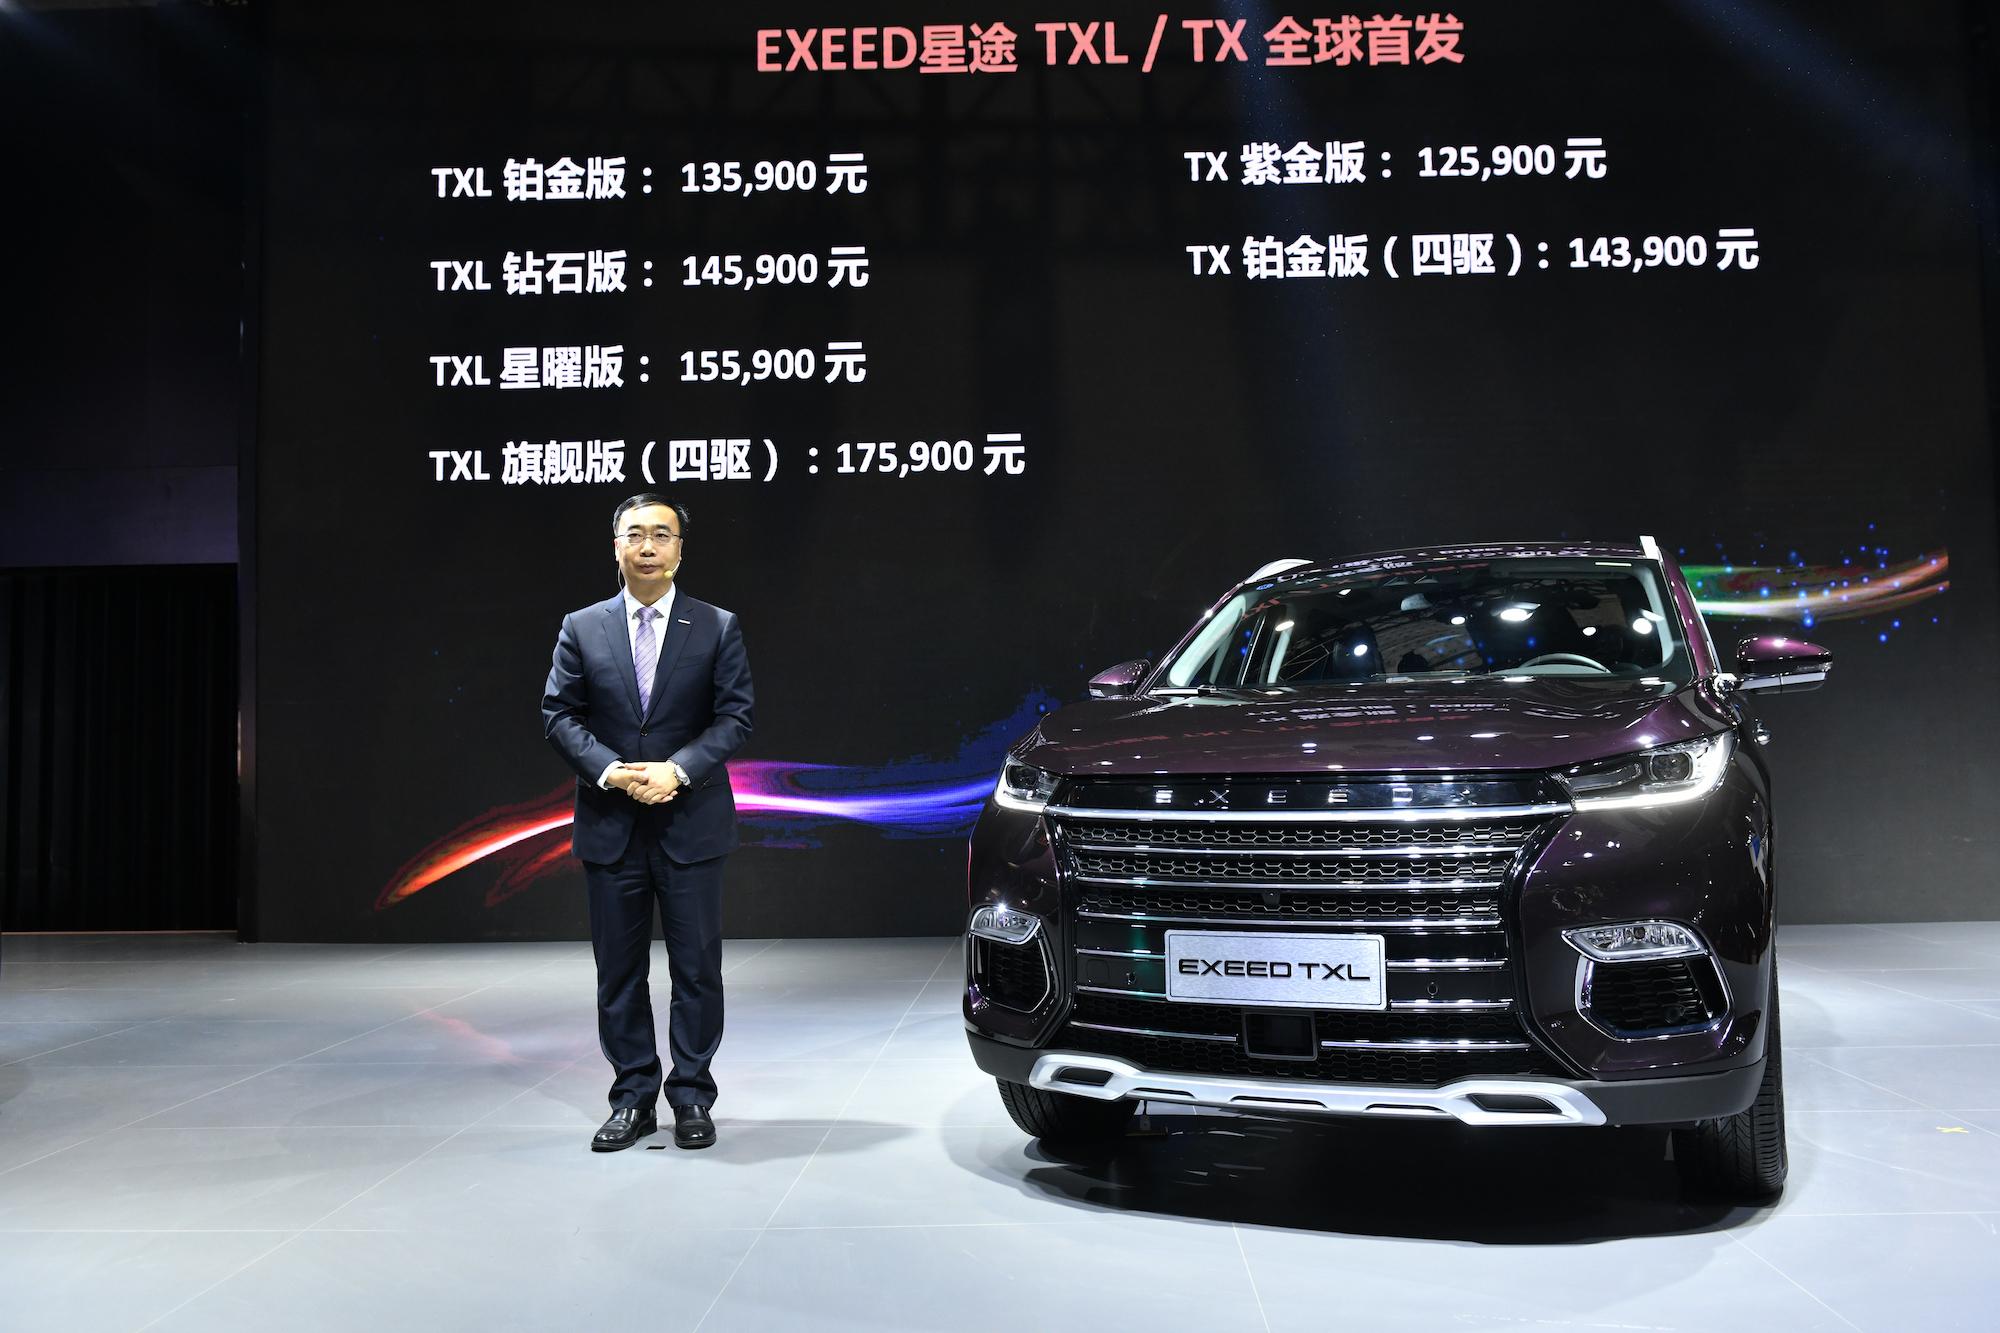 超越想象!上海车展EXEED星途TXL/TX火爆上市 震撼权益与全球招商燃遍全场